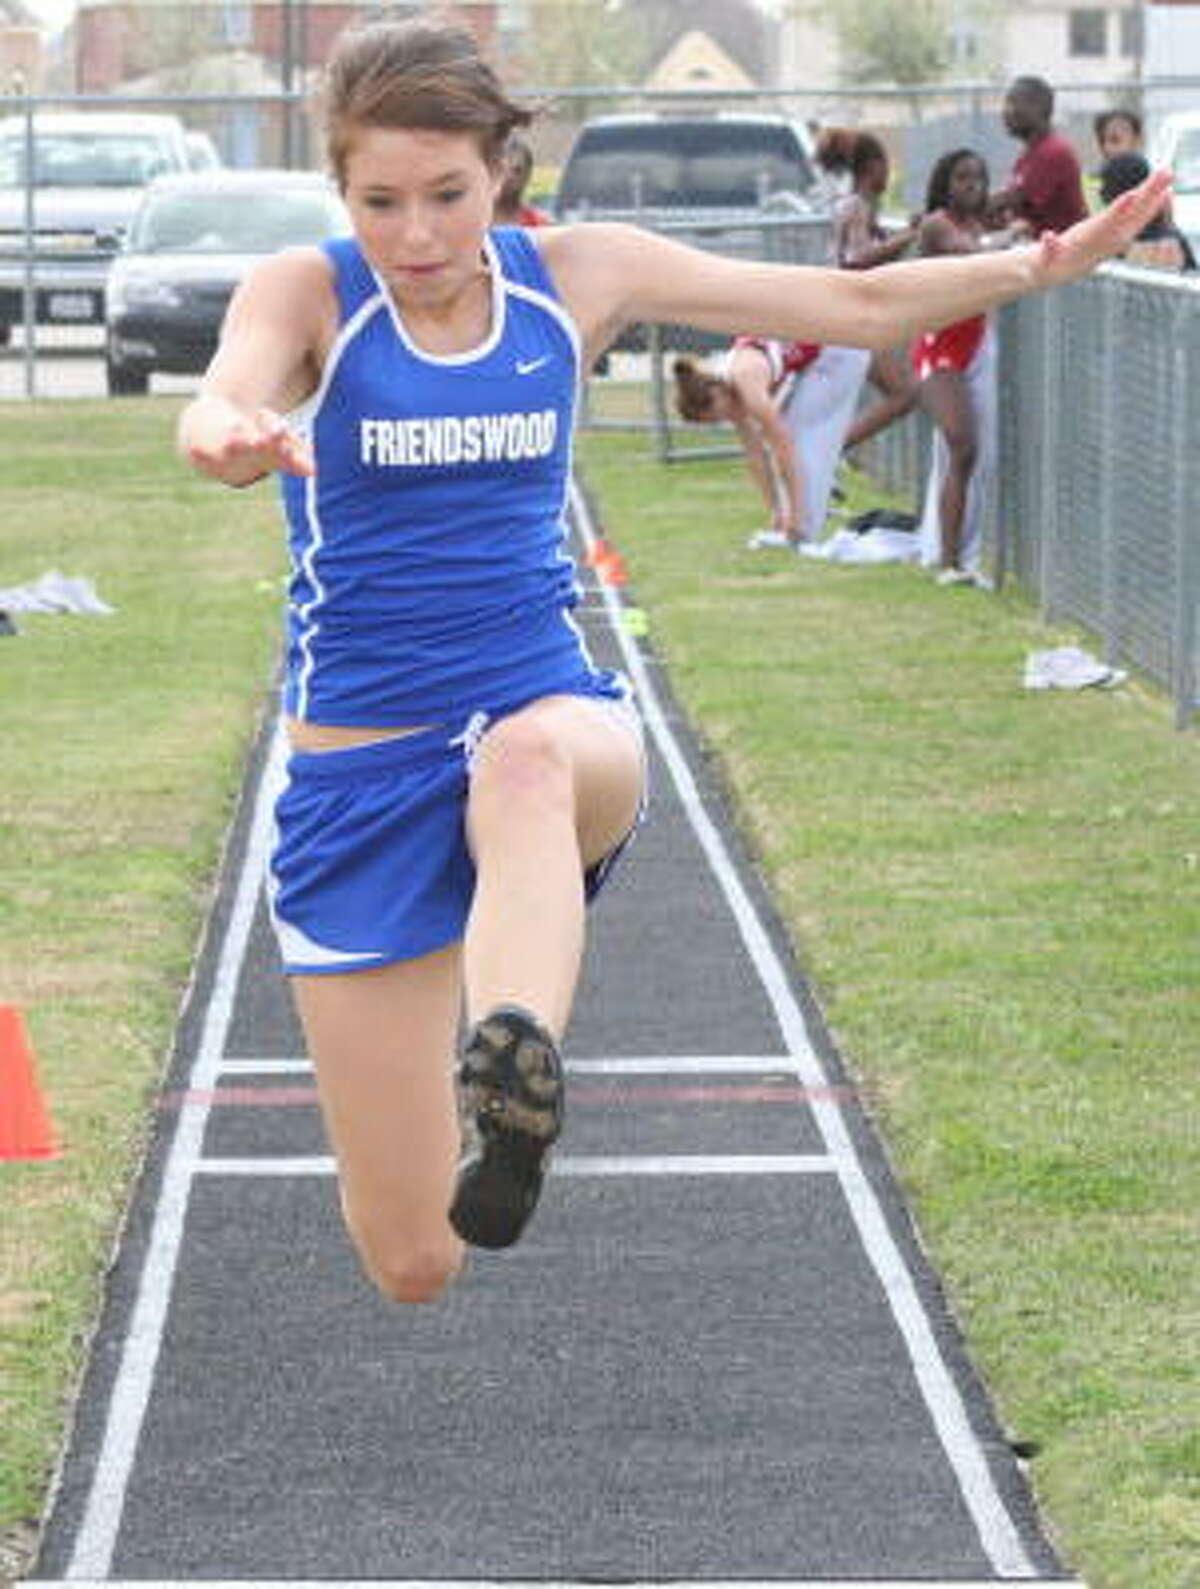 Kelsey Wood of Friendswood takes flight.